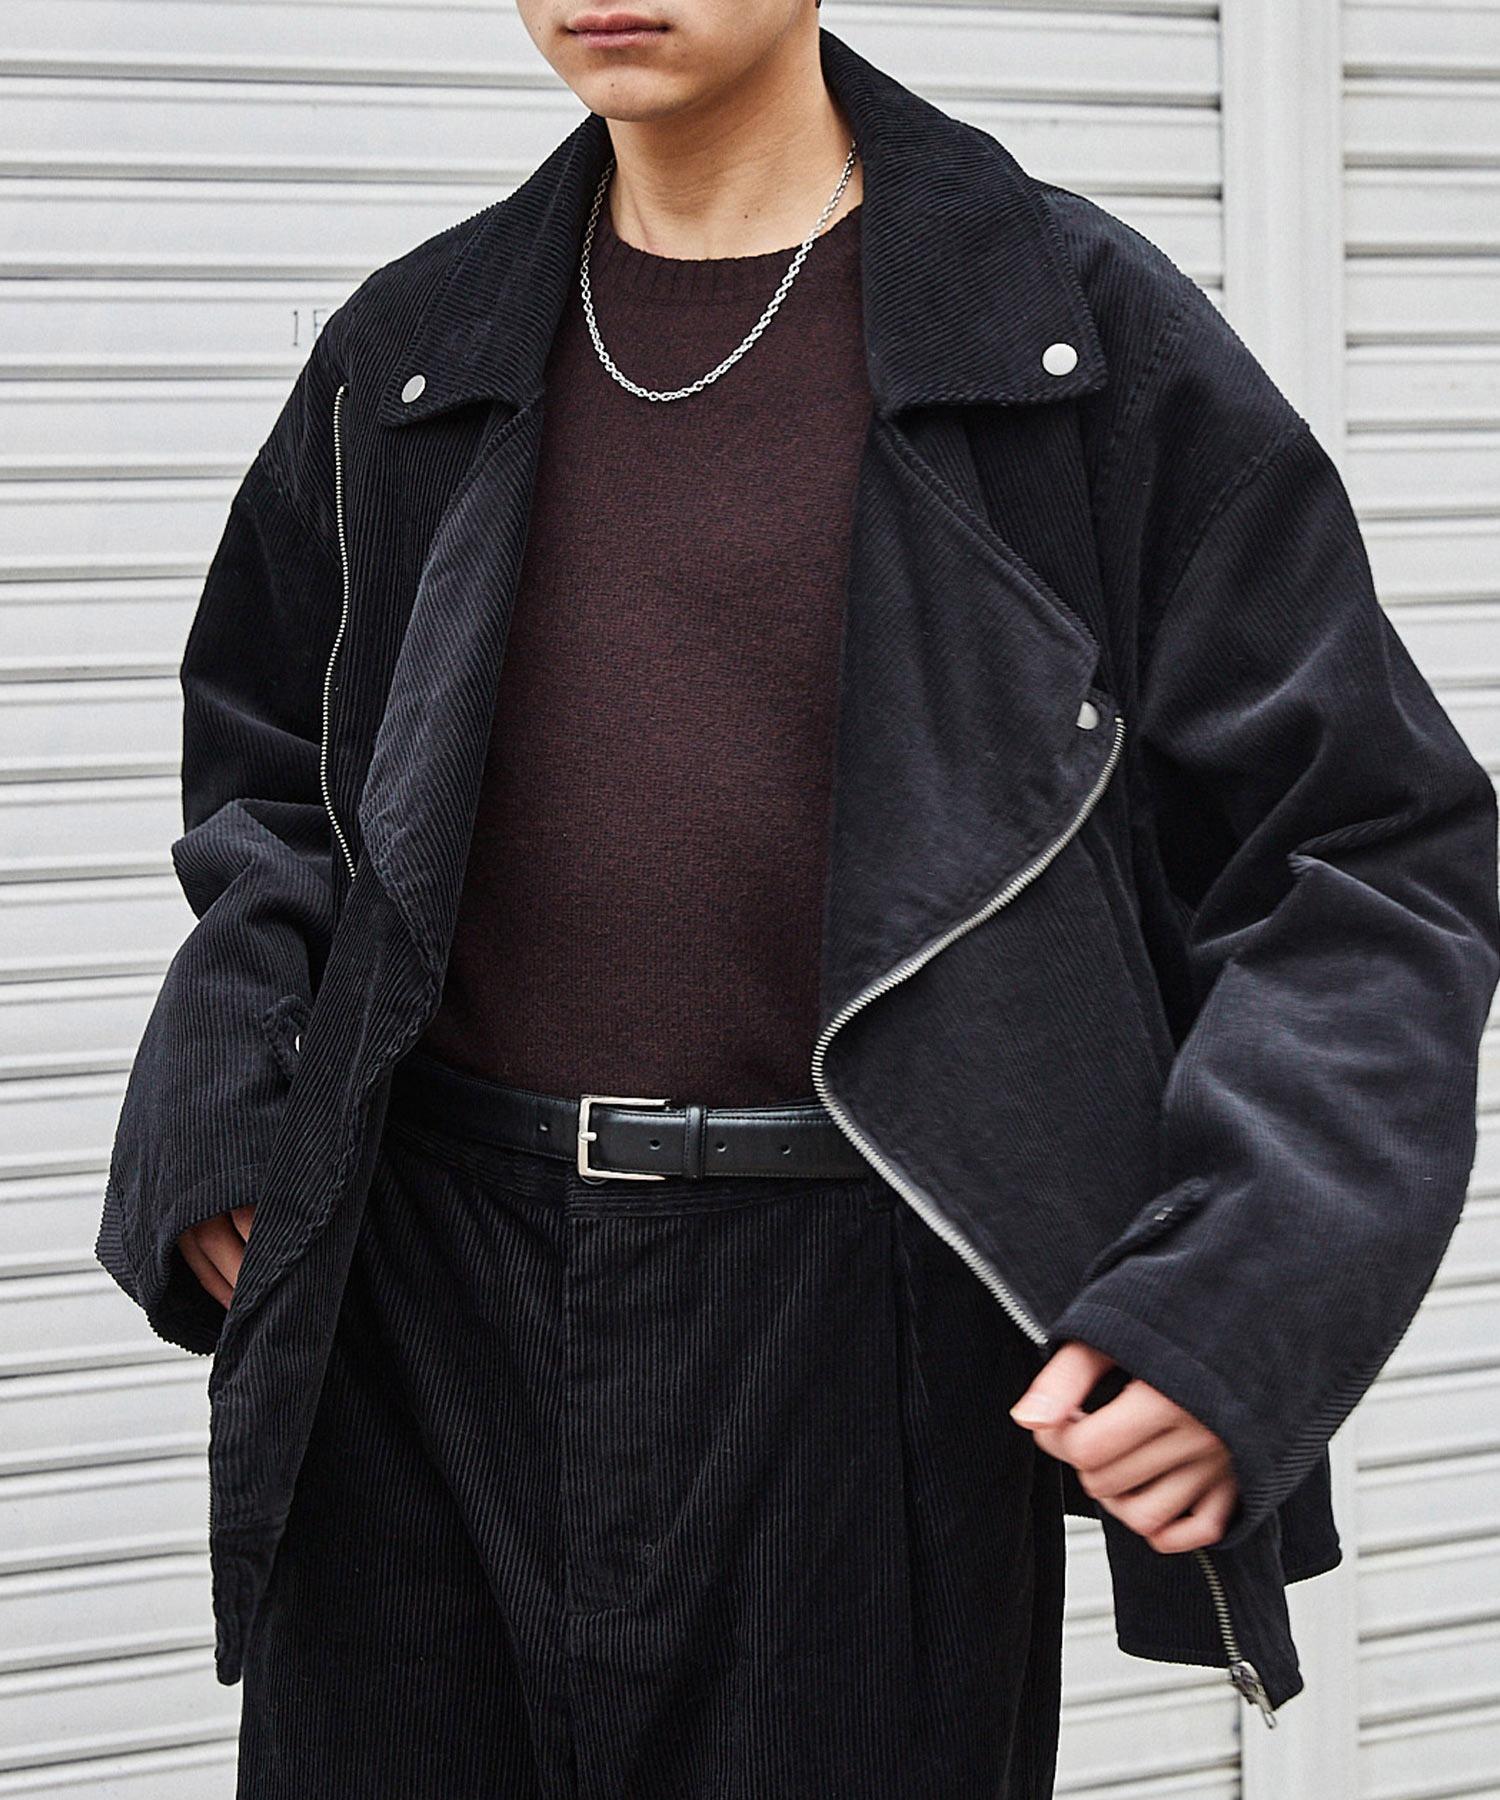 【セットアップ】ビッグシルエット コーデュロイ ダブルデザイン セットアップ (オーバーサイズダブルジャケット/パンツ)